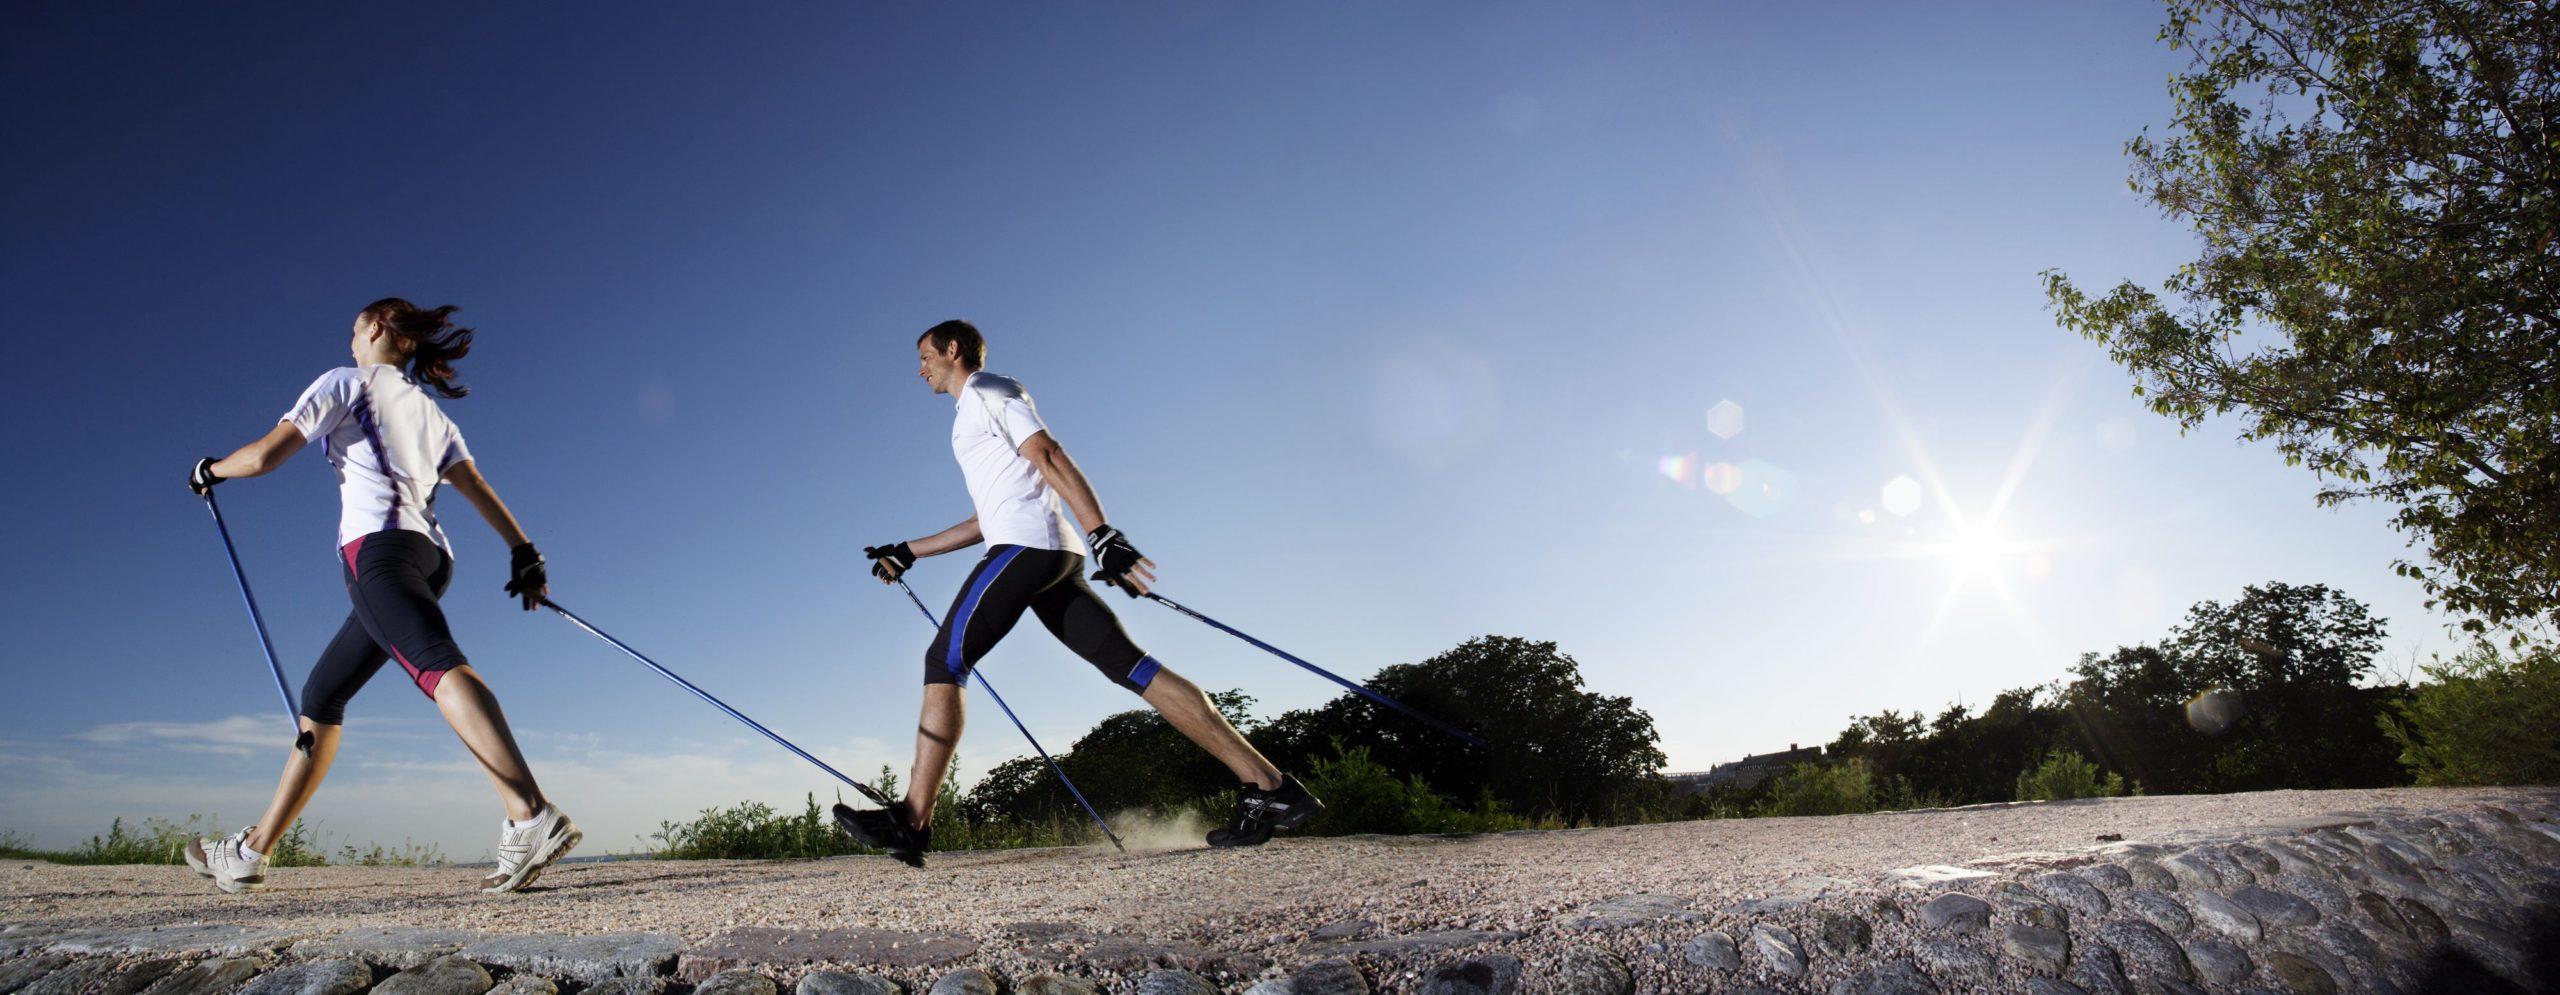 Źródło zdjęcia: https://www.google.pl/imgres?imgurl=http%3A%2F%2Fszczuplapannamloda.pl%2Fwp-content%2Fuploads%2F2017%2F02%2Fnordic-walking.jpg&imgrefurl=http%3A%2F%2Fszczuplapannamloda.pl%2Fnordic-walking-sport-bez-wad%2F&docid=2KzWSYPl341TjM&tbnid=aSi9OT3awacpbM%3A&vet=10ahUKEwiRva3G4oDTAhWBHywKHctDDRMQMwgyKAEwAQ..i&w=4000&h=1554&bih=894&biw=1280&q=nordic%20walking&ved=0ahUKEwiRva3G4oDTAhWBHywKHctDDRMQMwgyKAEwAQ&iact=mrc&uact=8#h=1554&imgrc=aSi9OT3awacpbM:&vet=10ahUKEwiRva3G4oDTAhWBHywKHctDDRMQMwgyKAEwAQ..i&w=4000